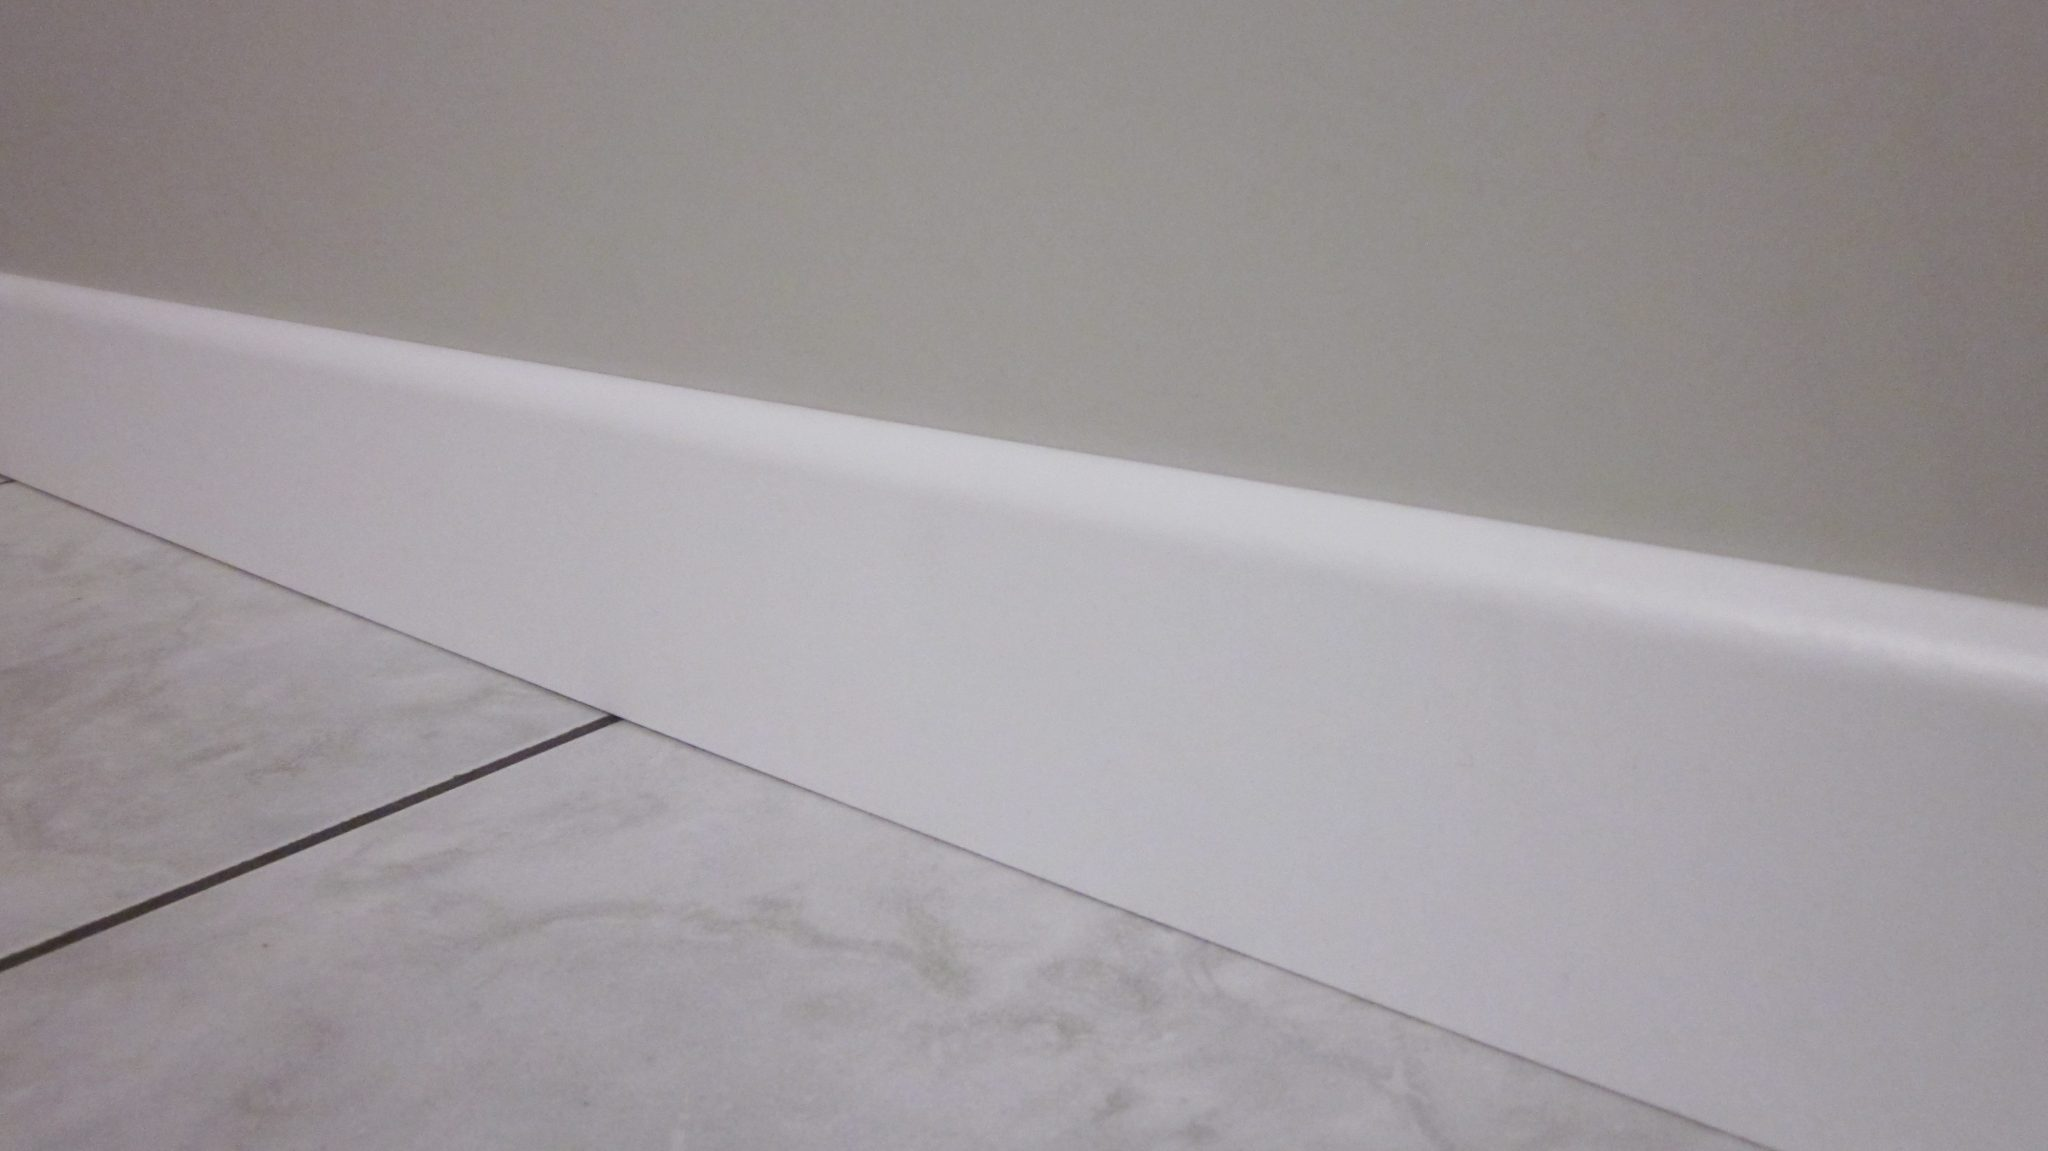 Battiscopa In Legno : Battiscopa in legno bianco filo muro alto cm